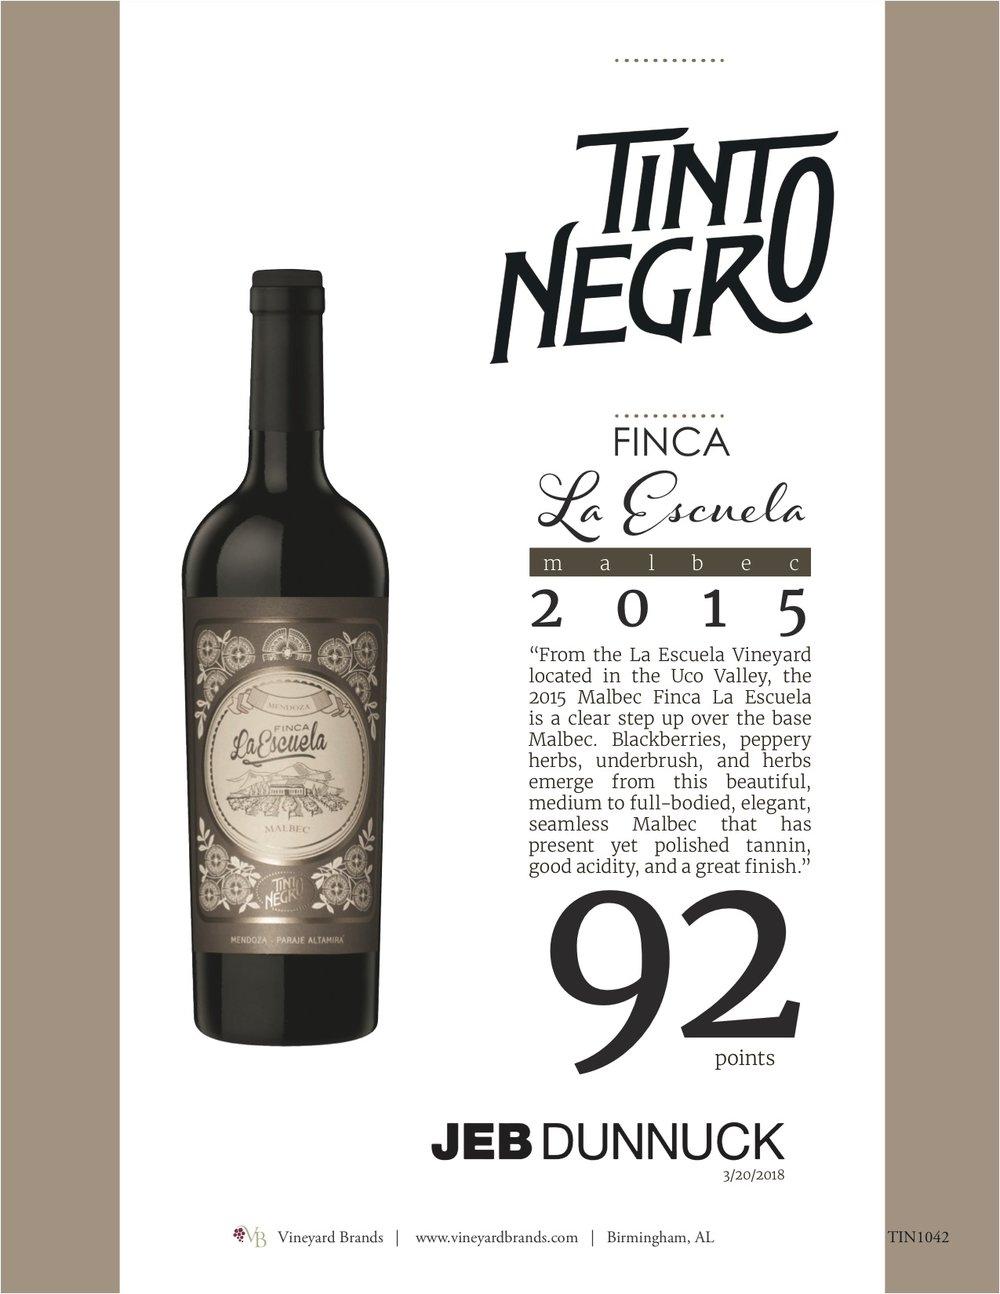 TintoNegro Finca La Escuela 2015.jpg